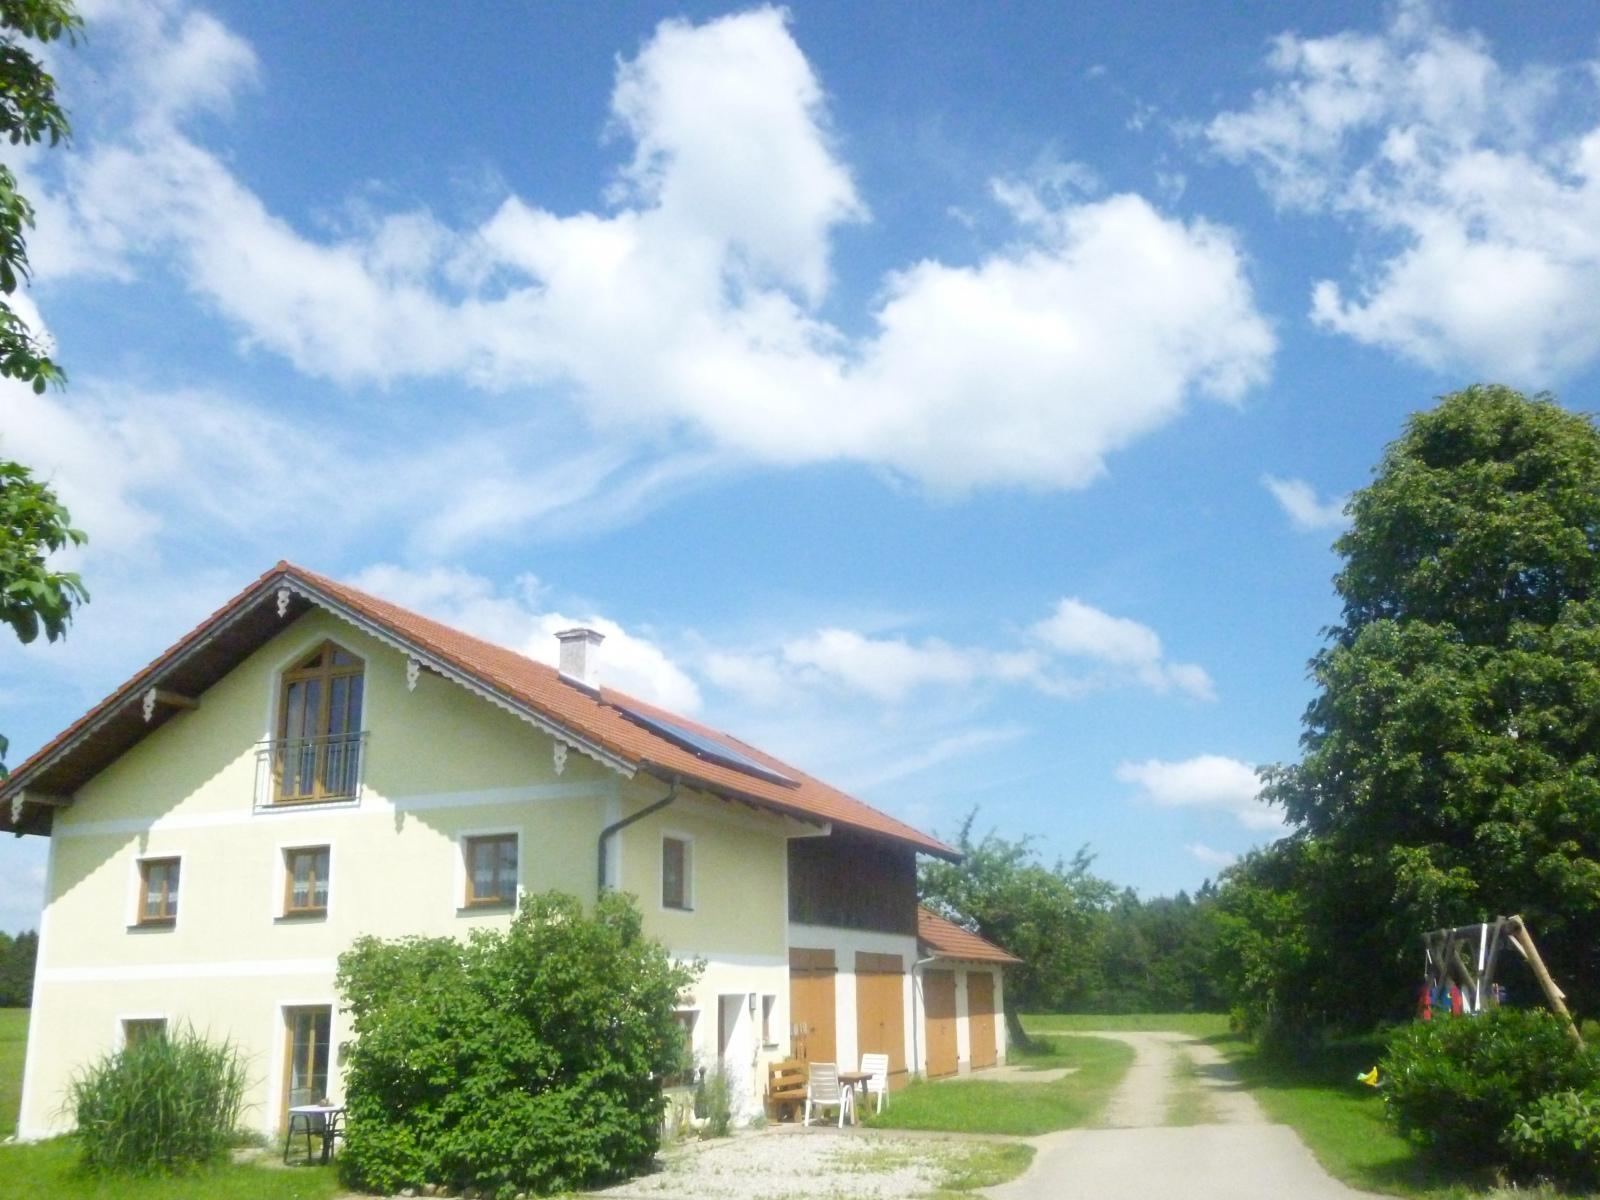 Baierhof2019